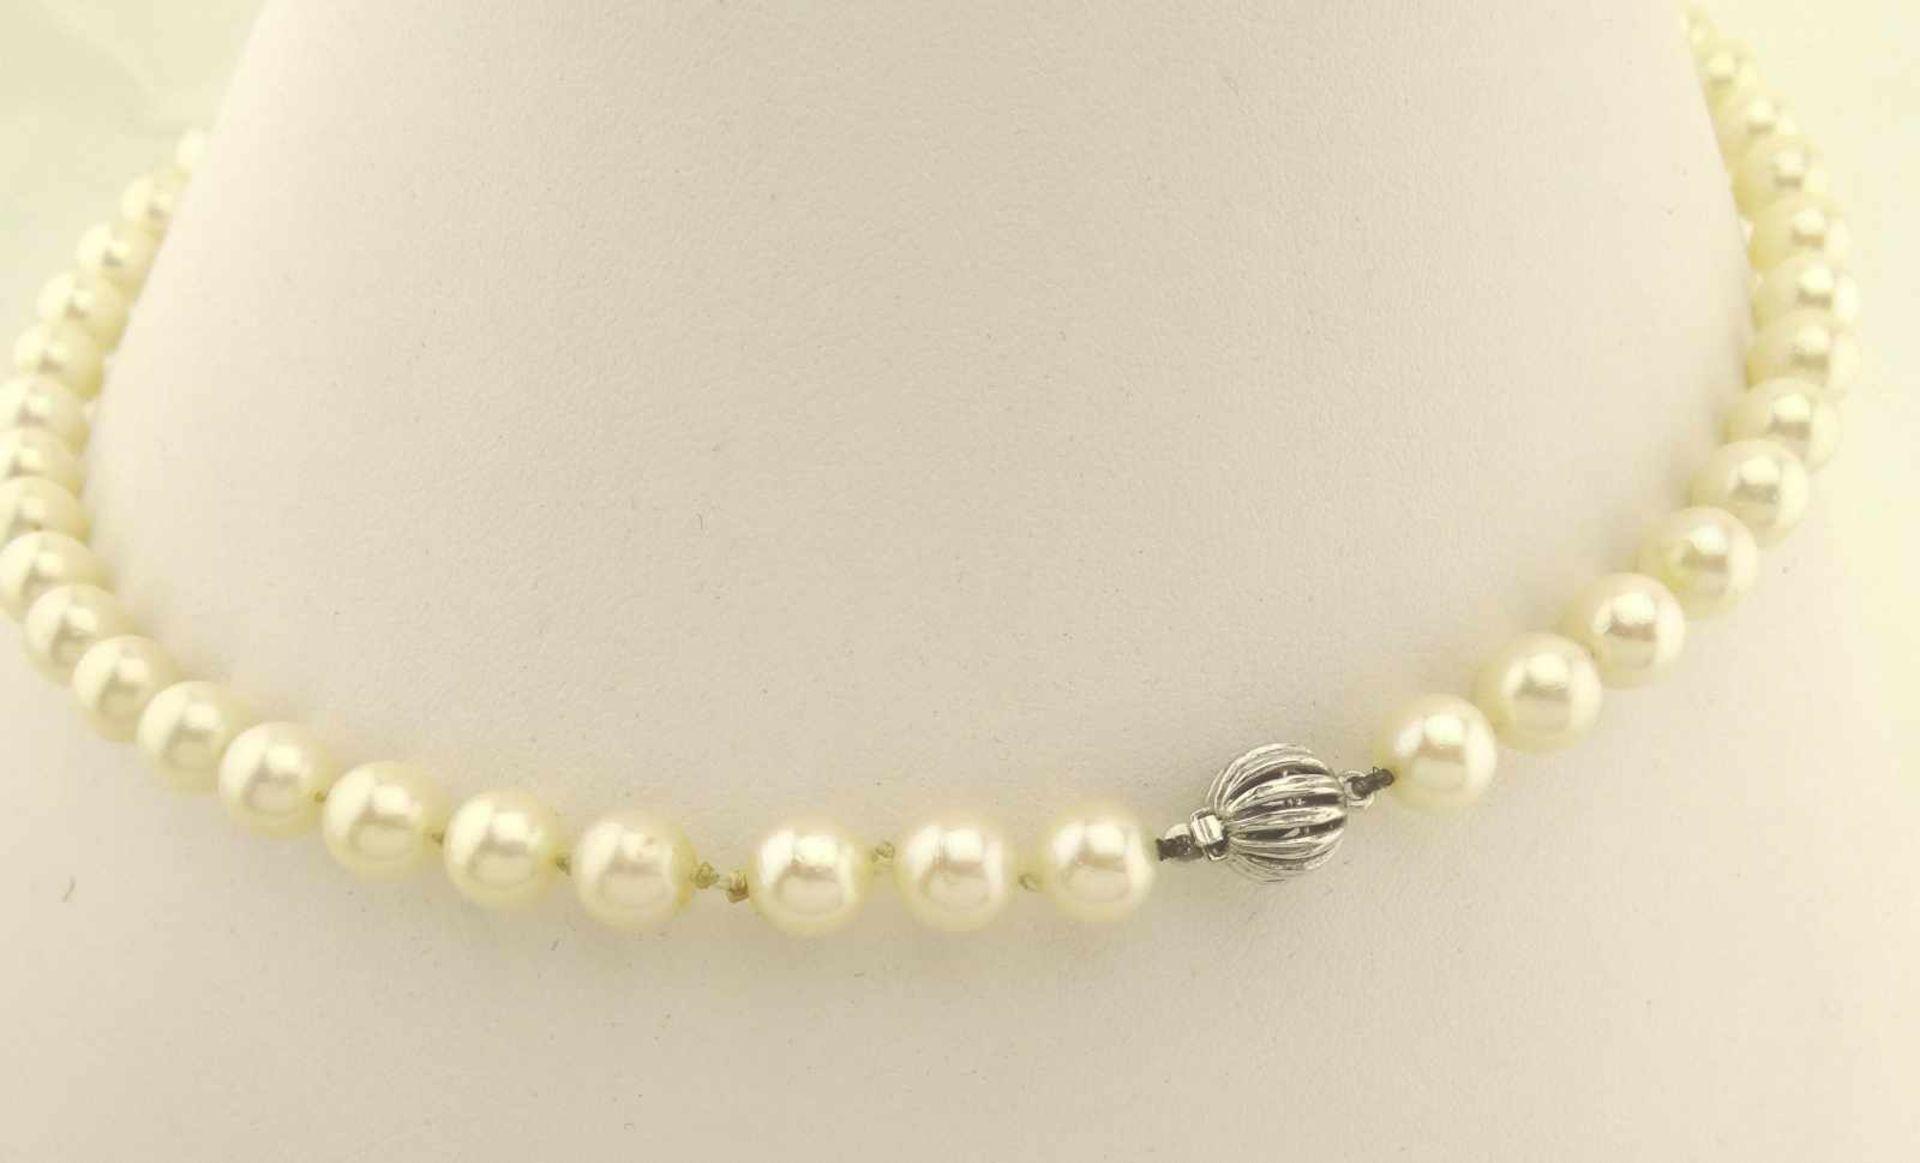 Los 17 - Akoya Perlenkette durchmesser der Perlen ca. 7,5mm, Länge ca. 44cm, Weißgold Kugelschloß in 585